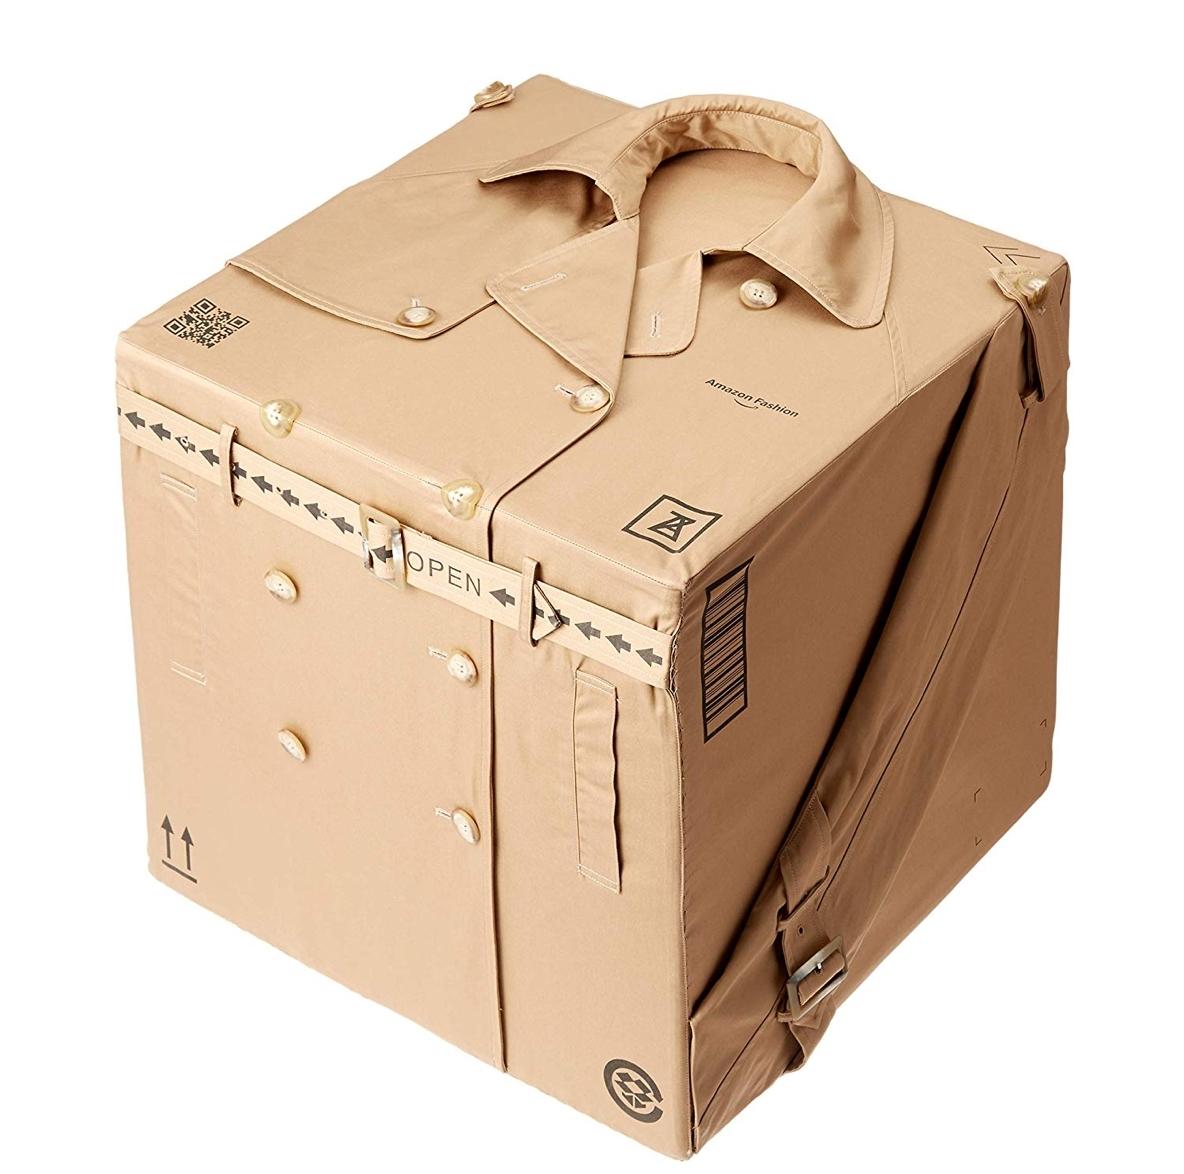 Amazonのダンボール…とおもったら、トレンチコート!?あのファッションブランドの最新アイテムなんです